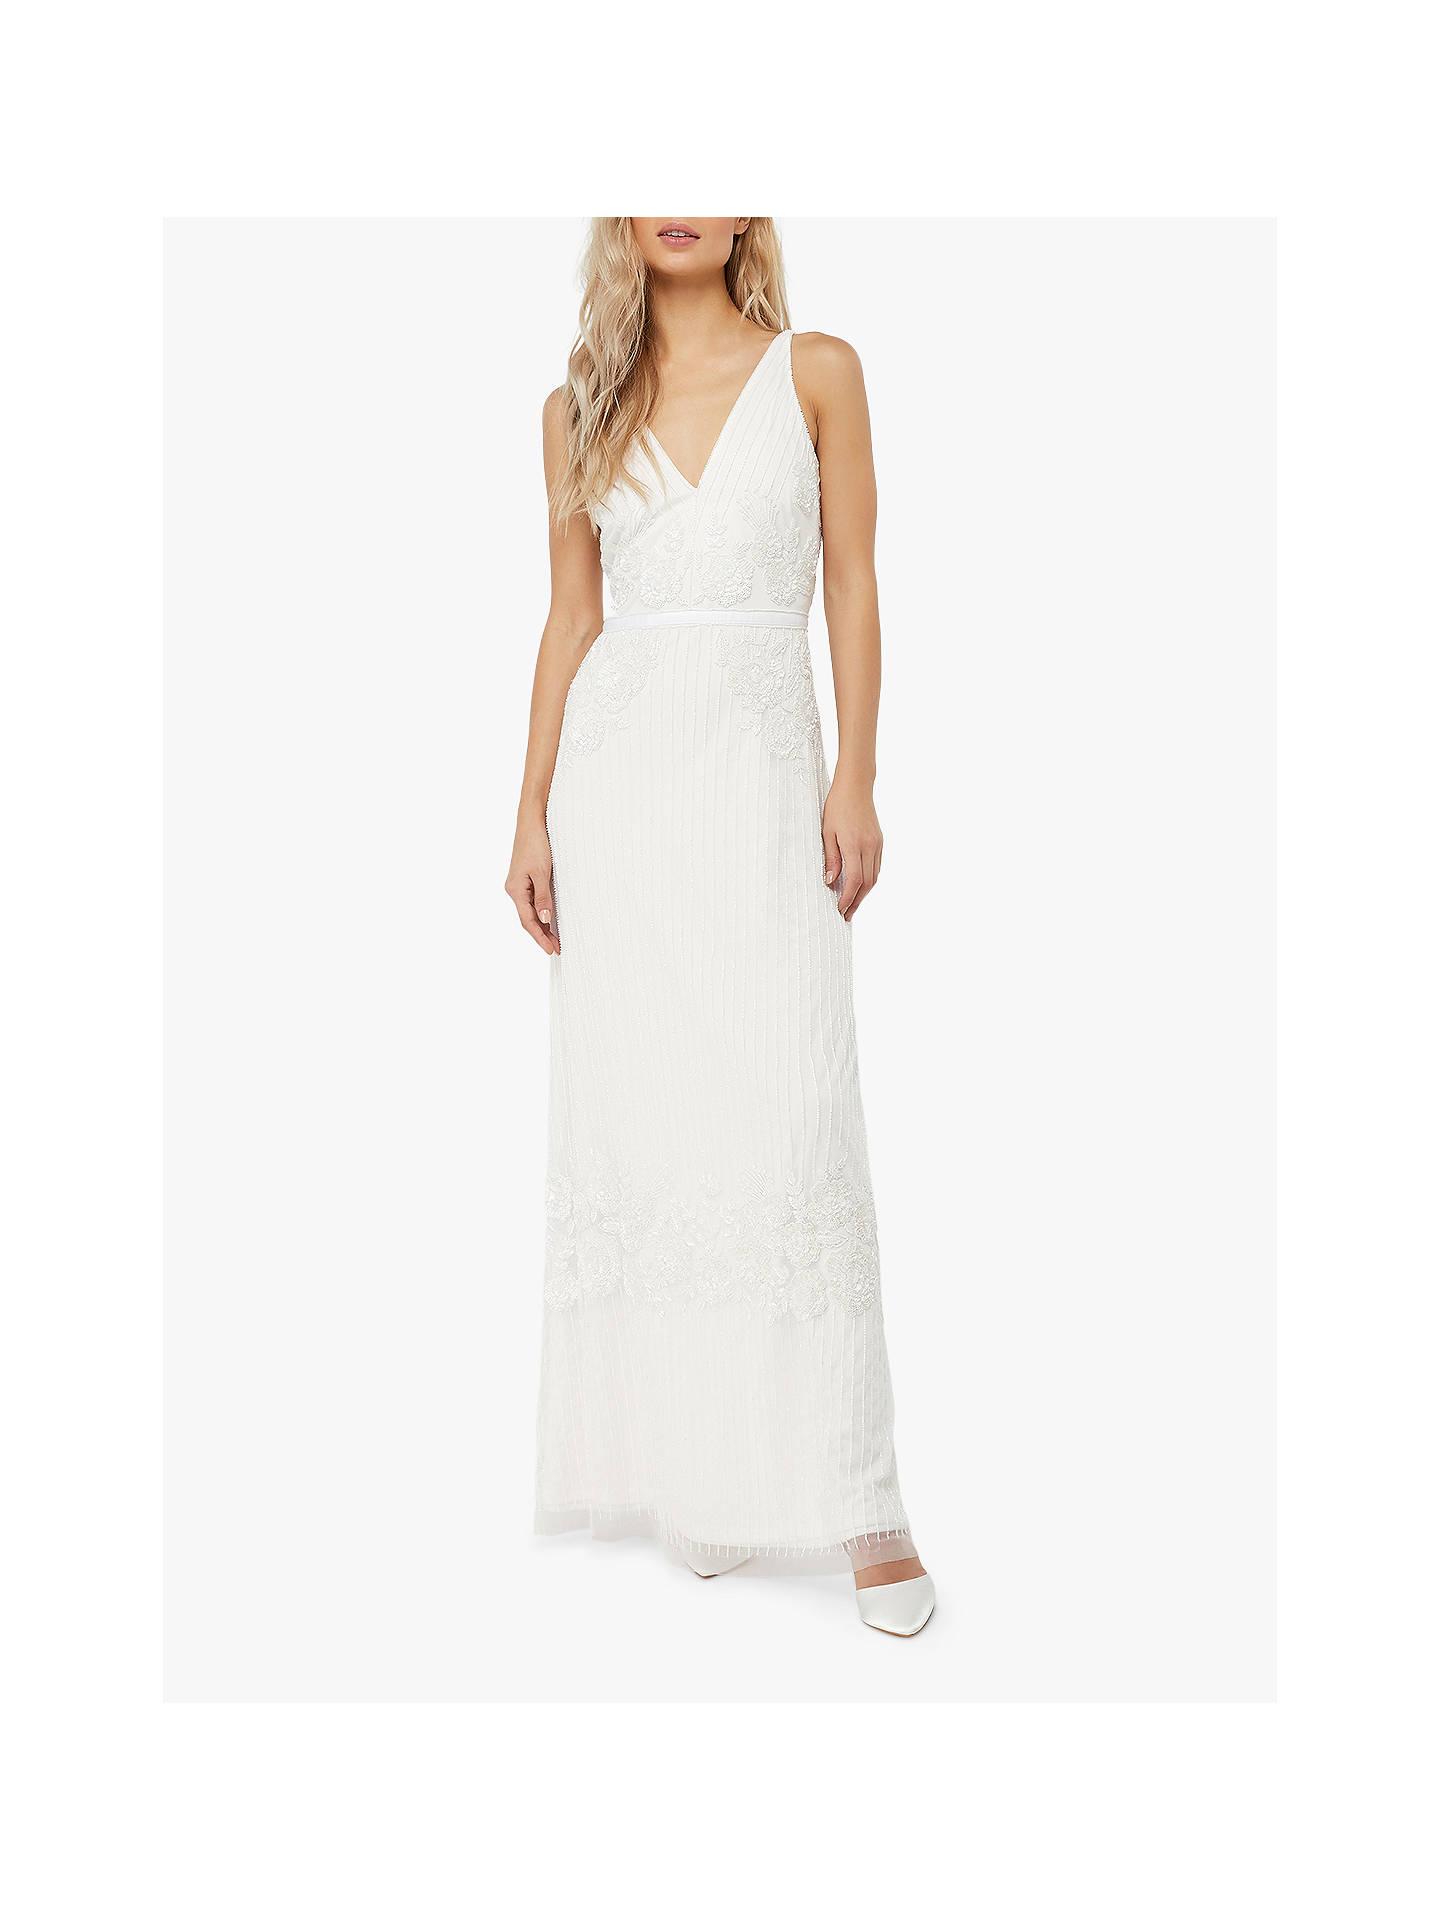 67029f153dd9 Buy Monsoon Margaret Embellished Bridal Maxi Dress, Ivory, 6 Online at  johnlewis.com ...